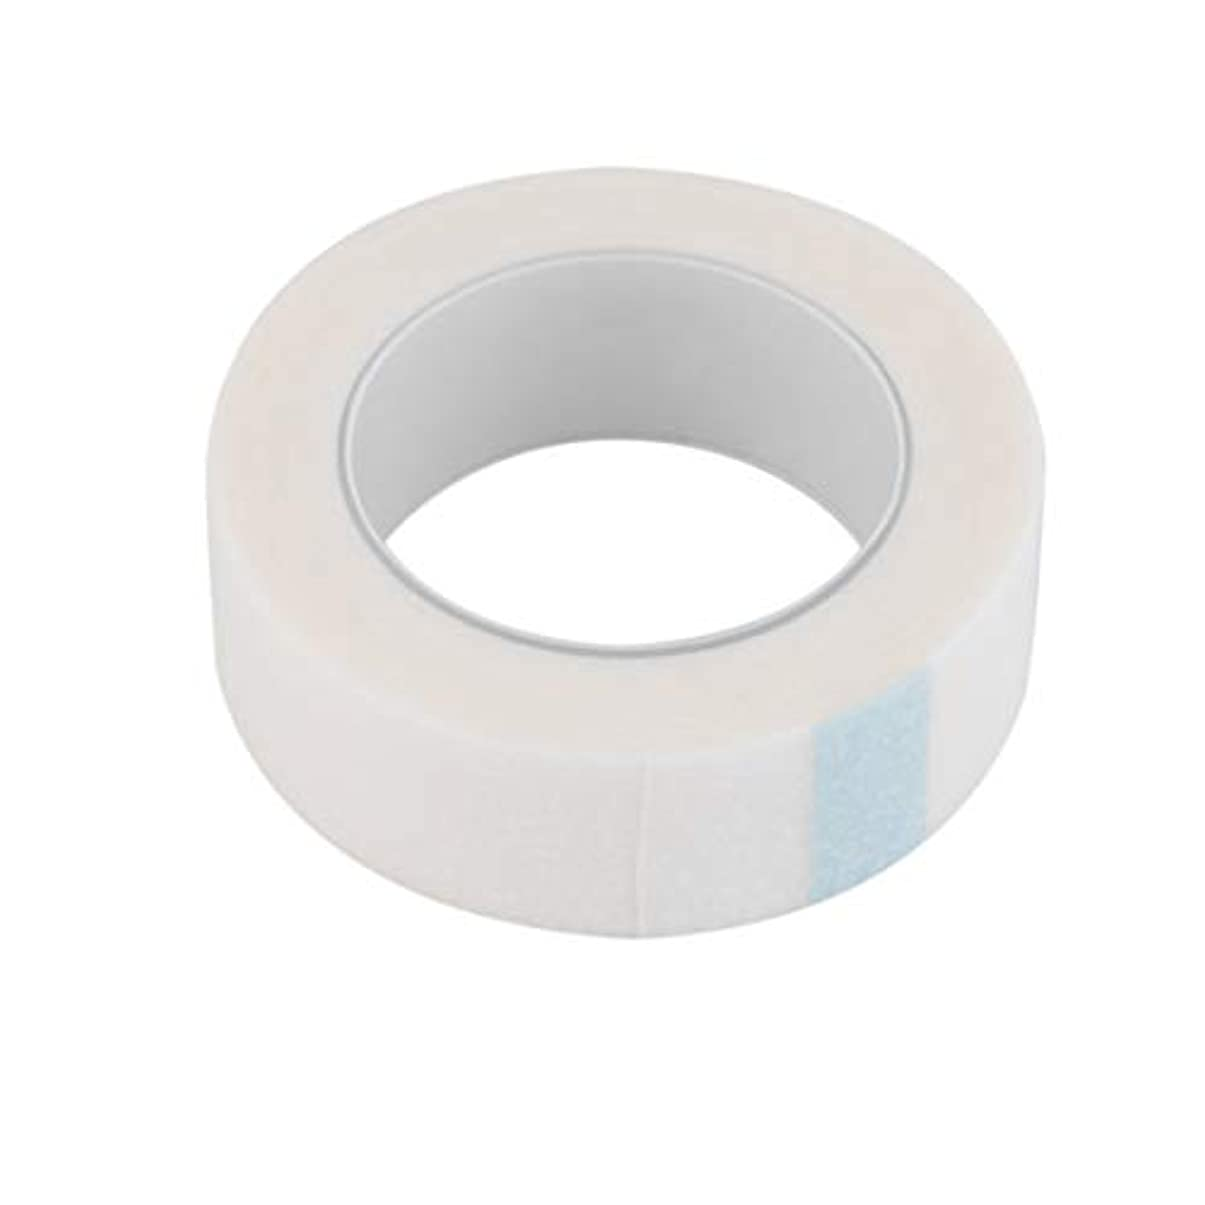 レパートリーサイバースペース解釈Intercorey 1ロール個々のまつげエクステンションツール供給医療テープ医療まつげエクステンションミクロ孔紙化粧